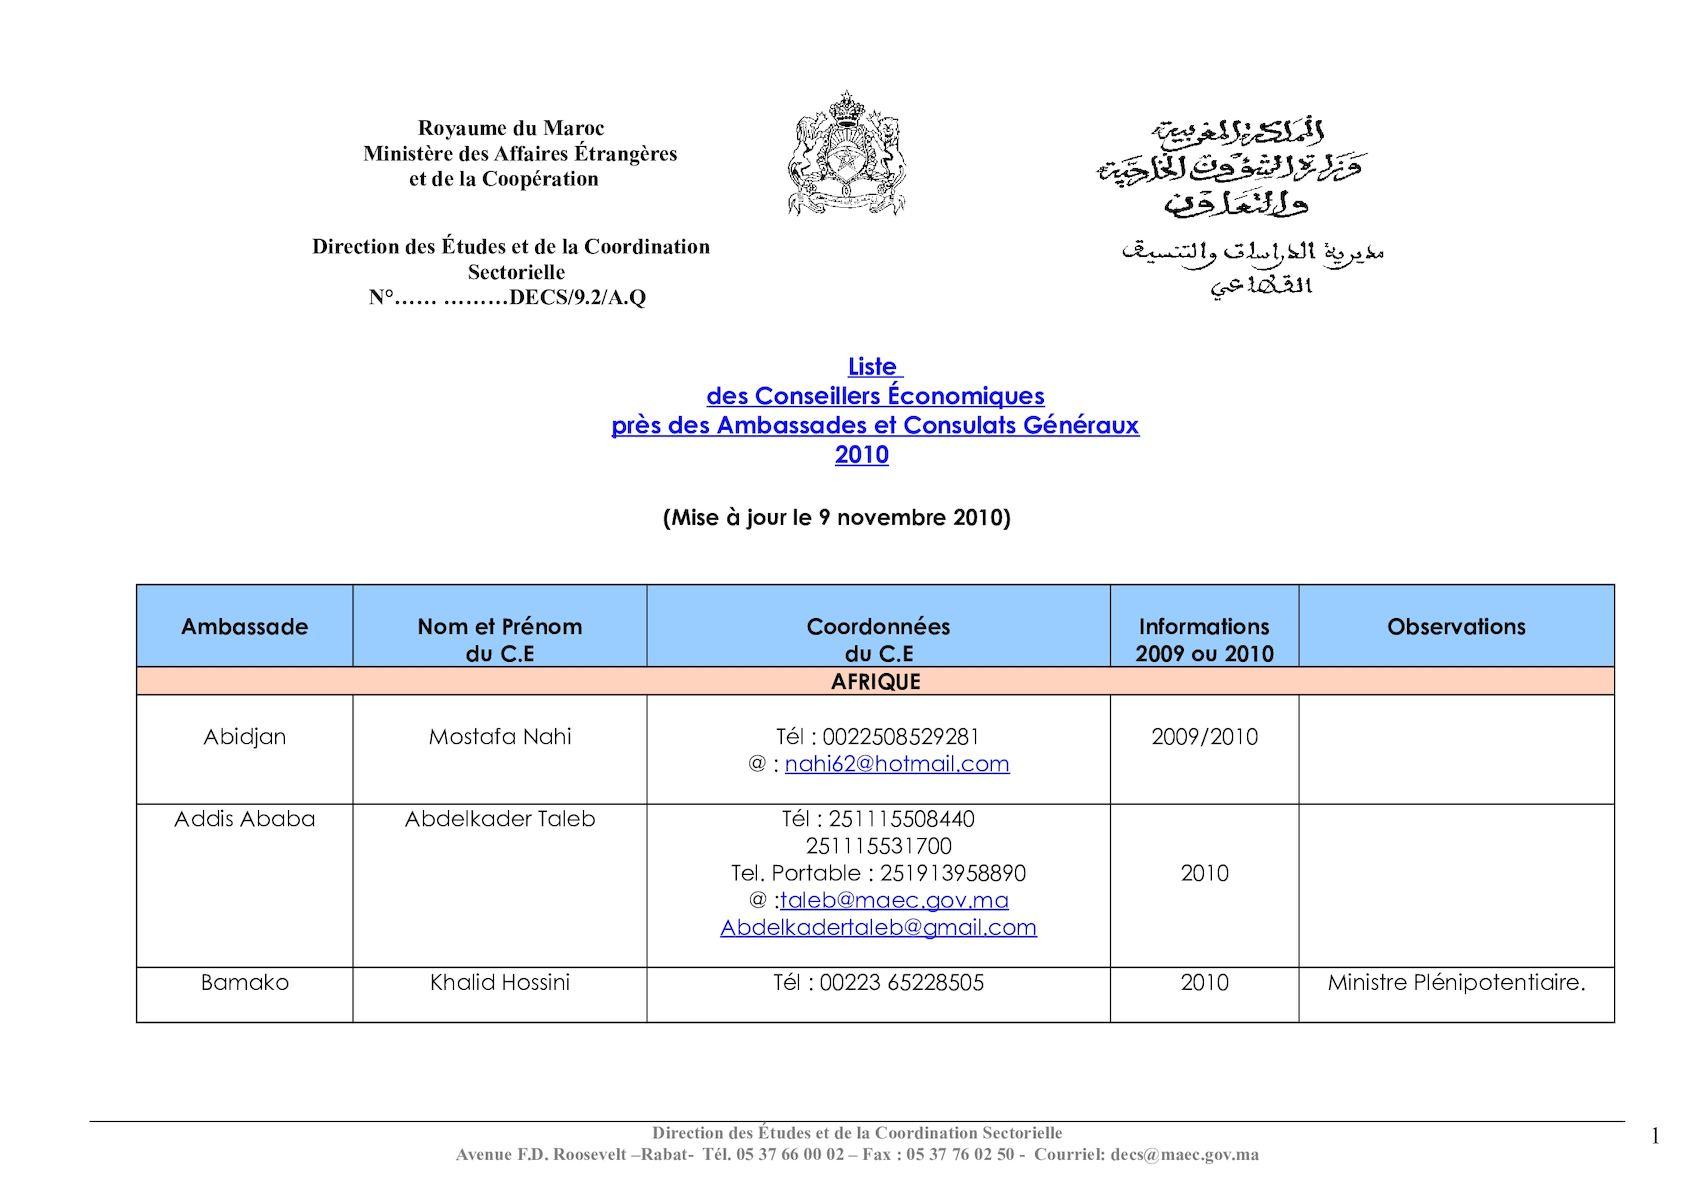 Liste Des Conseillers éco Près Des Amb Et Consulats Généraux (dernière Version).